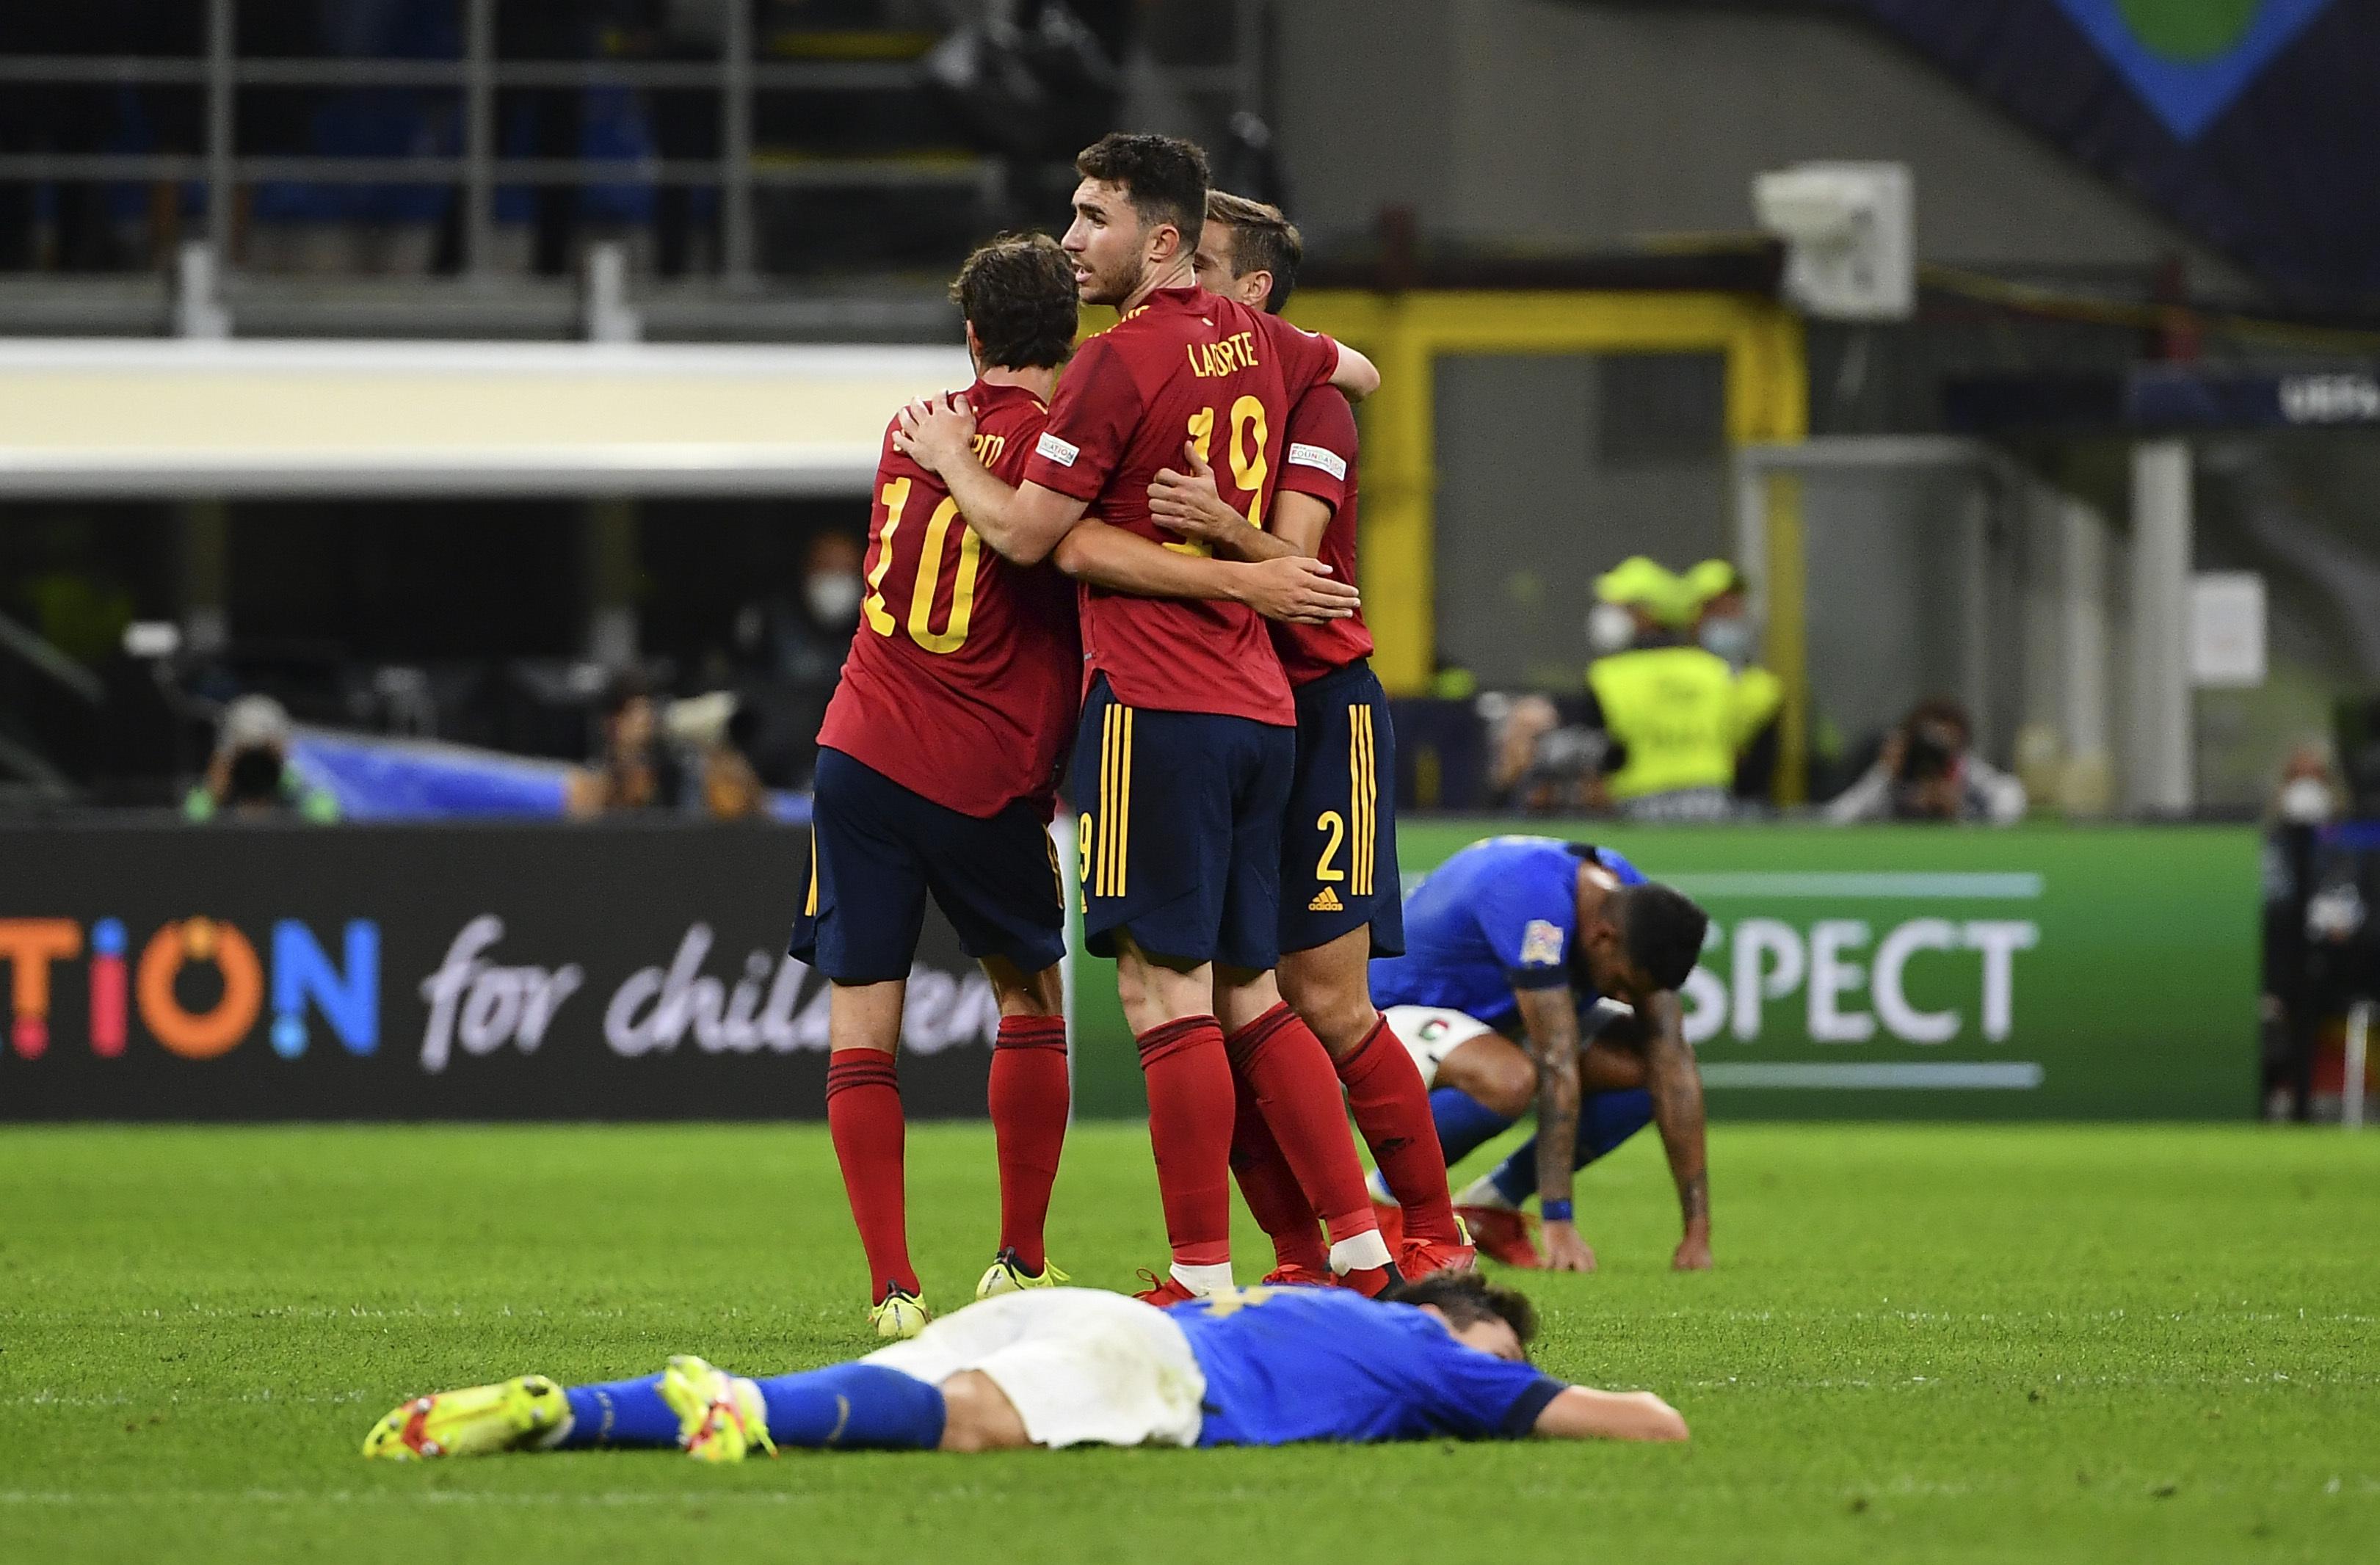 意大利vs西班牙:欧足联国家联赛